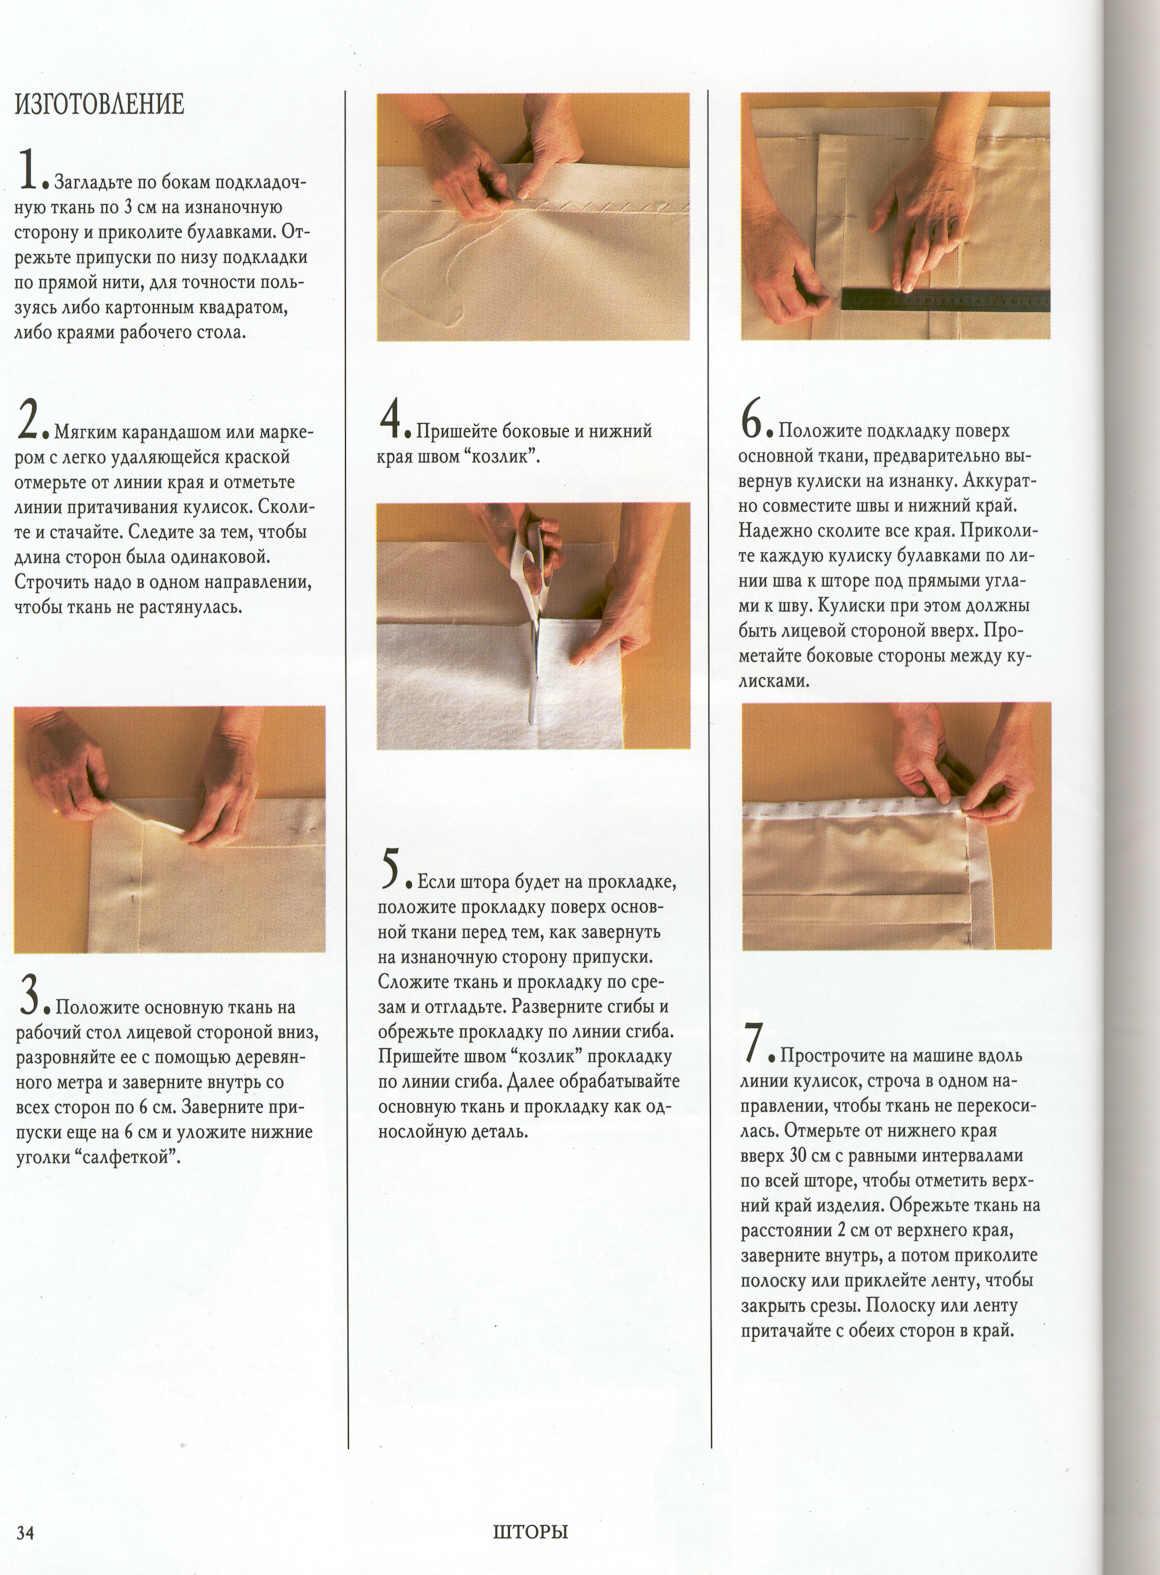 Греческая штора своими руками пошаговая инструкция